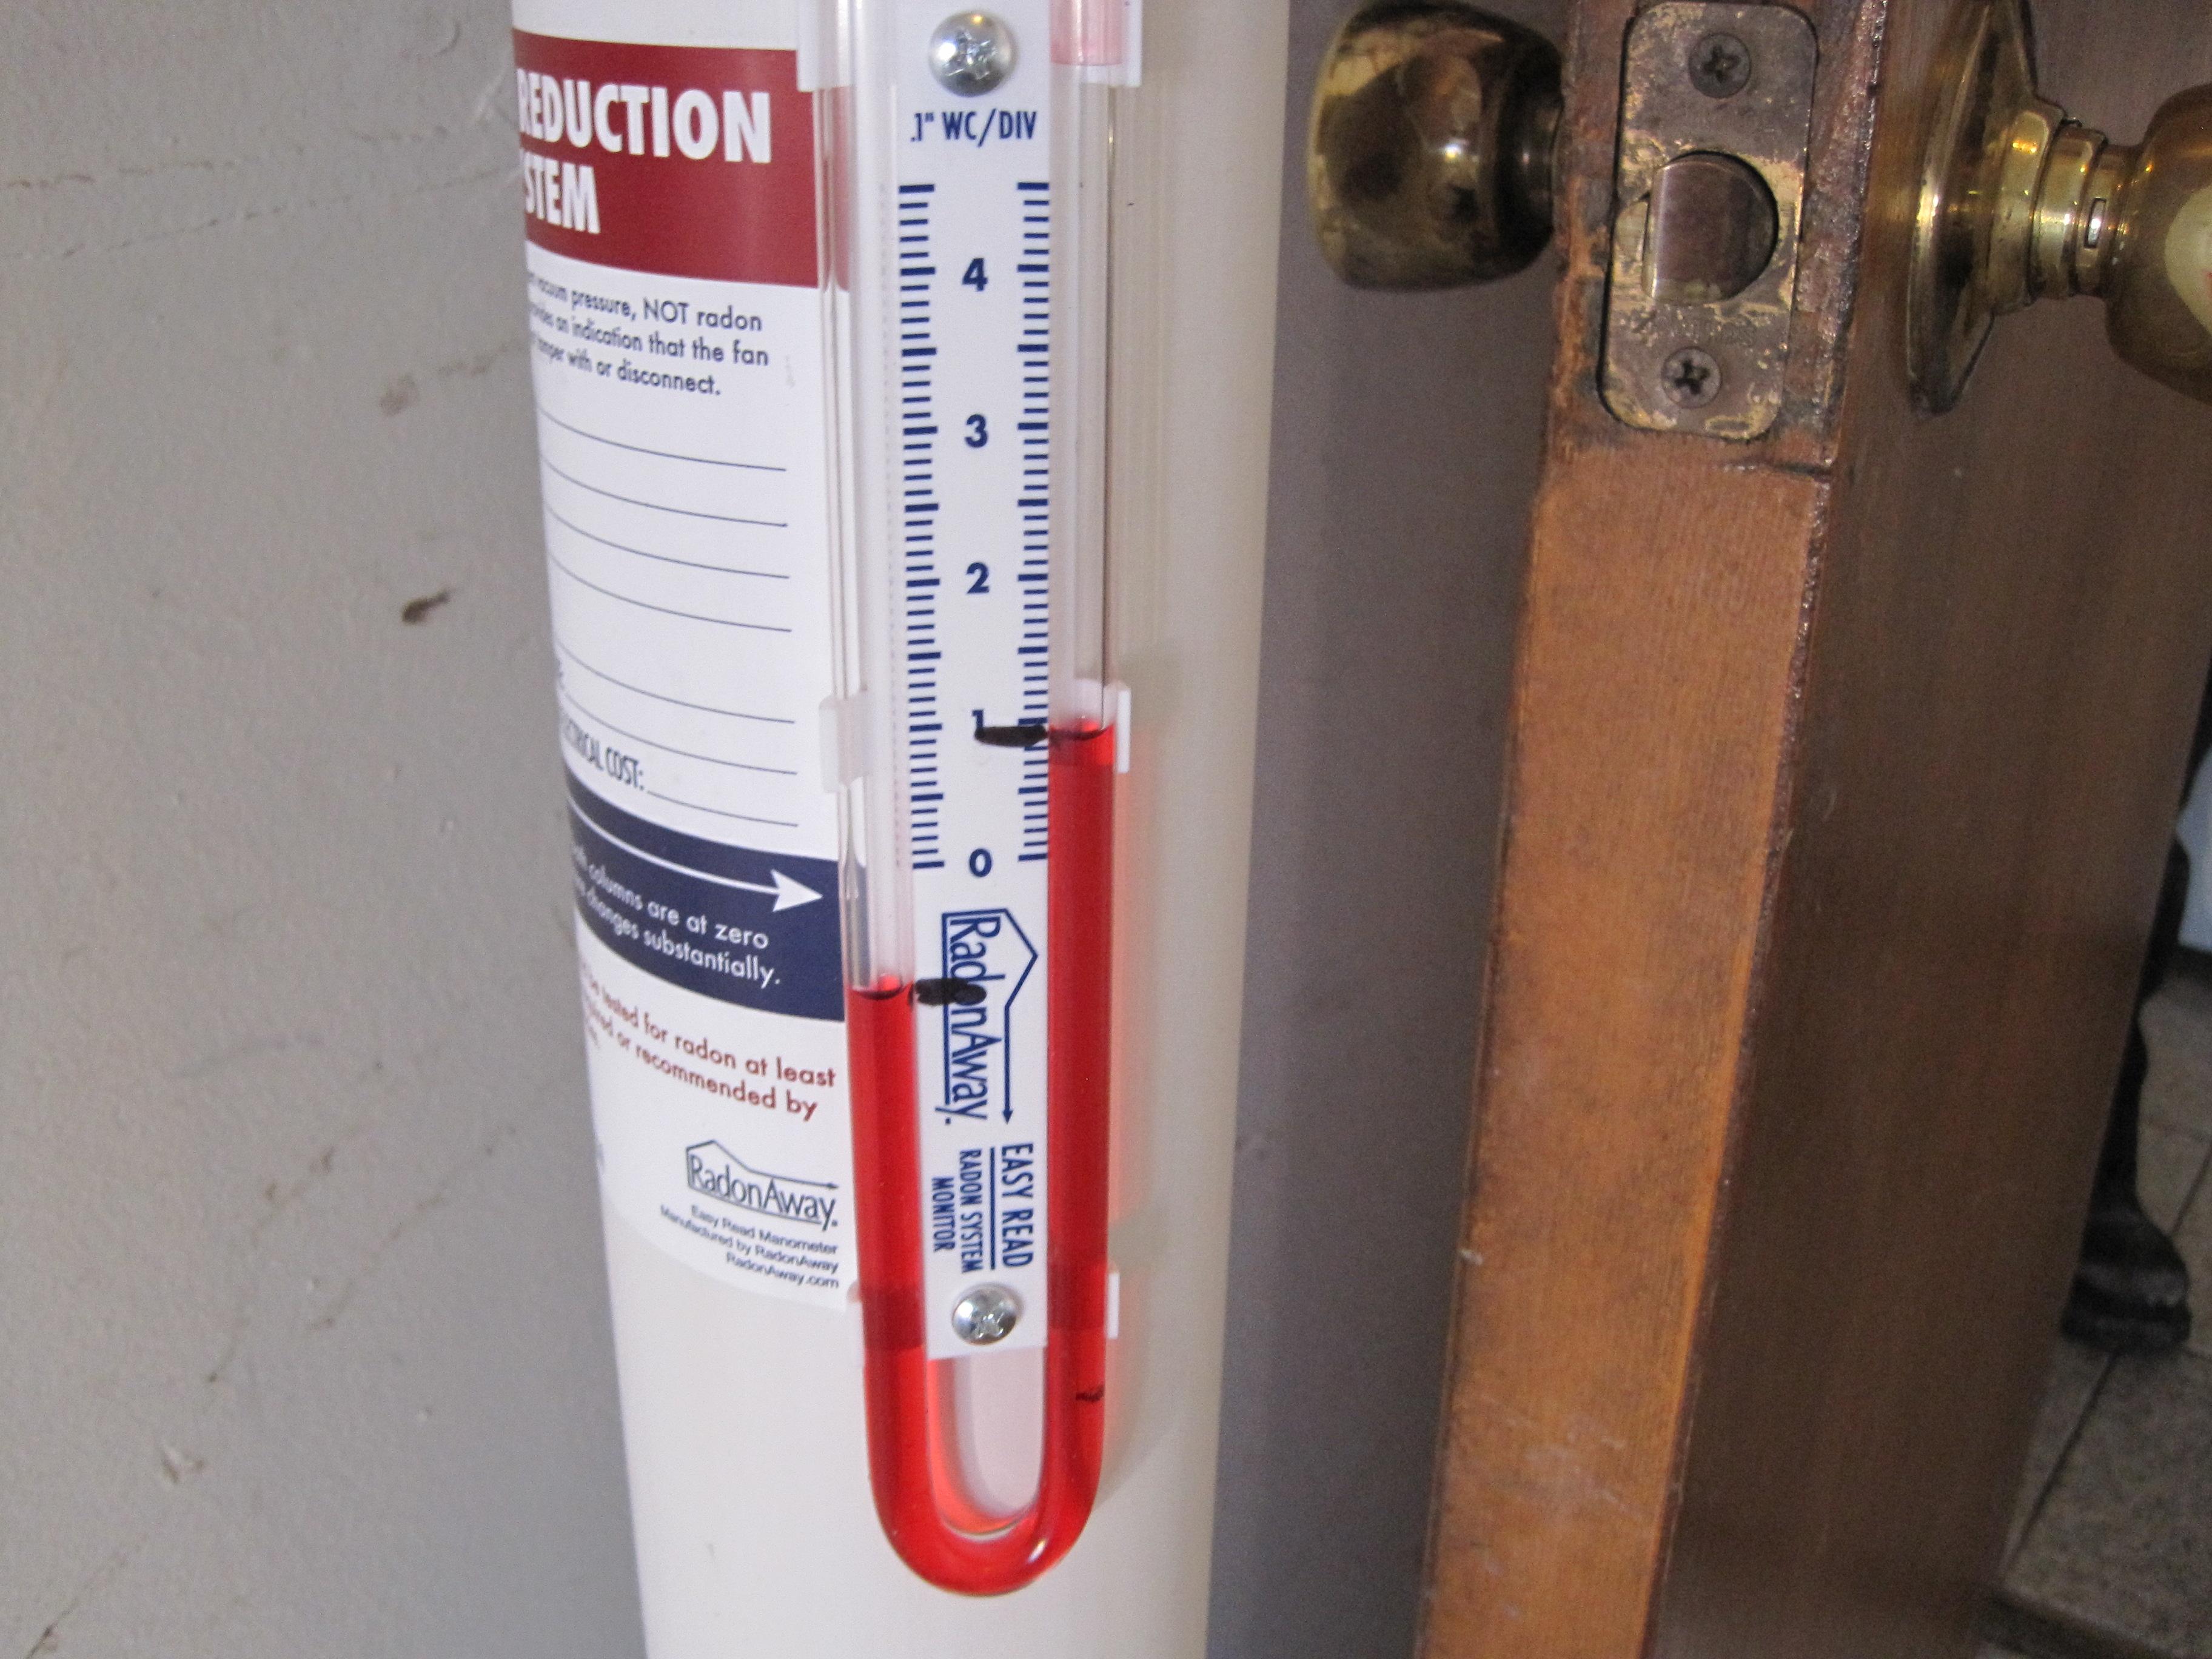 U Tube Levels Can Indicate Sump Pump Issues Elliott